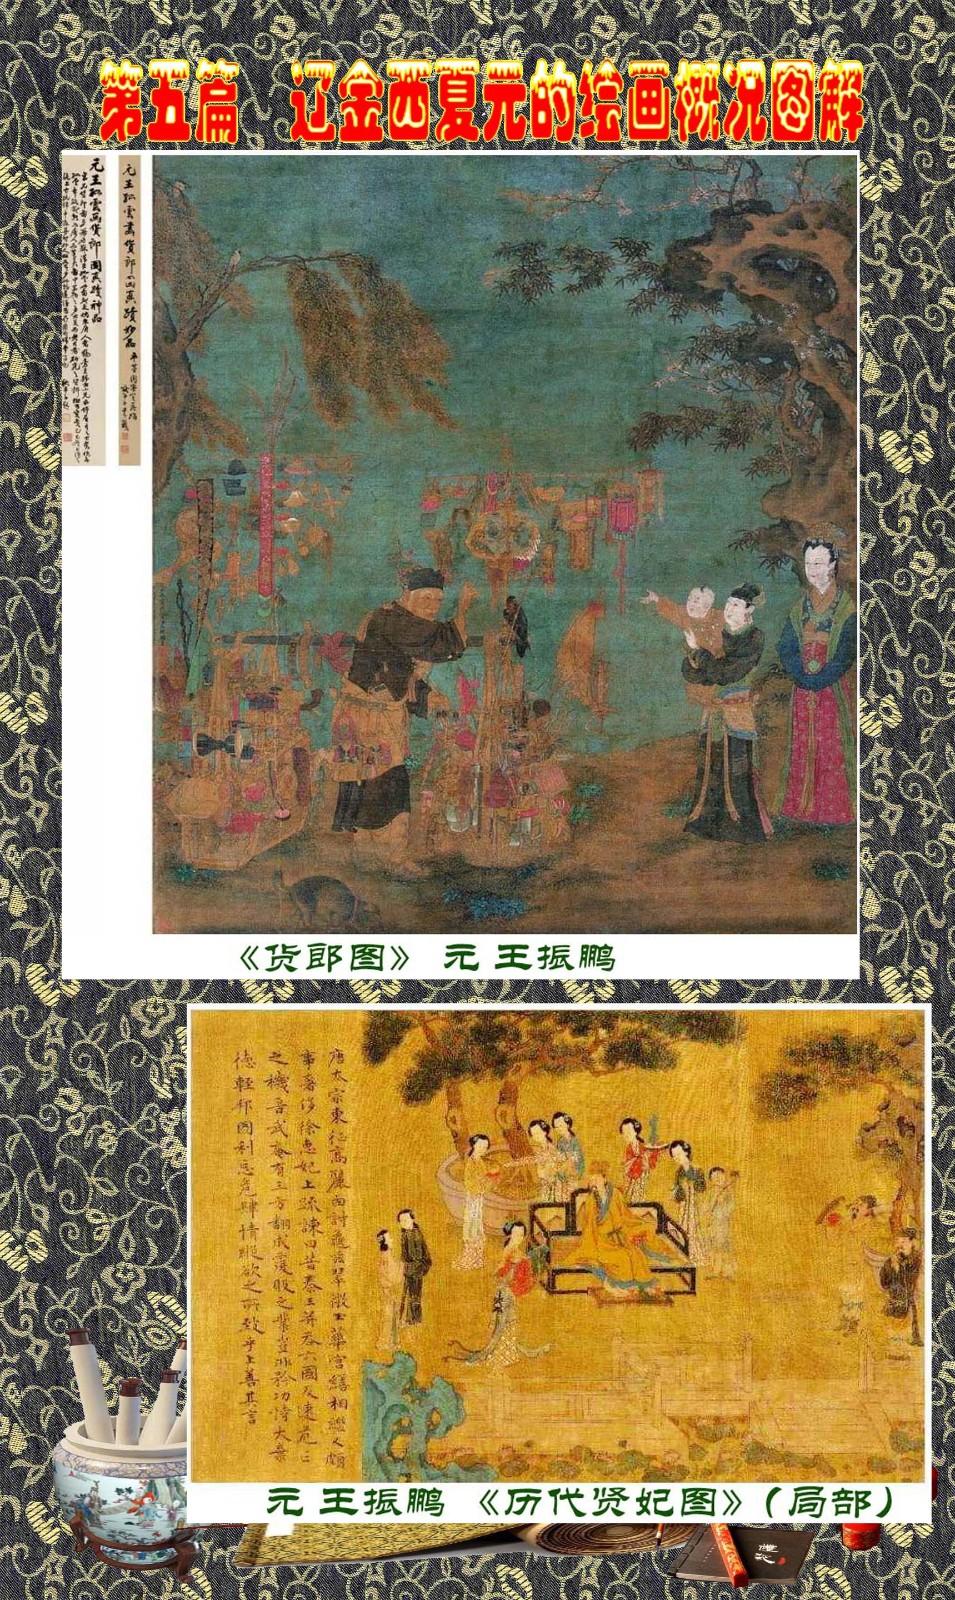 顾绍骅编辑 中国画知识普及版 第五篇 辽金西夏元的绘画概况 下 ... ..._图1-51